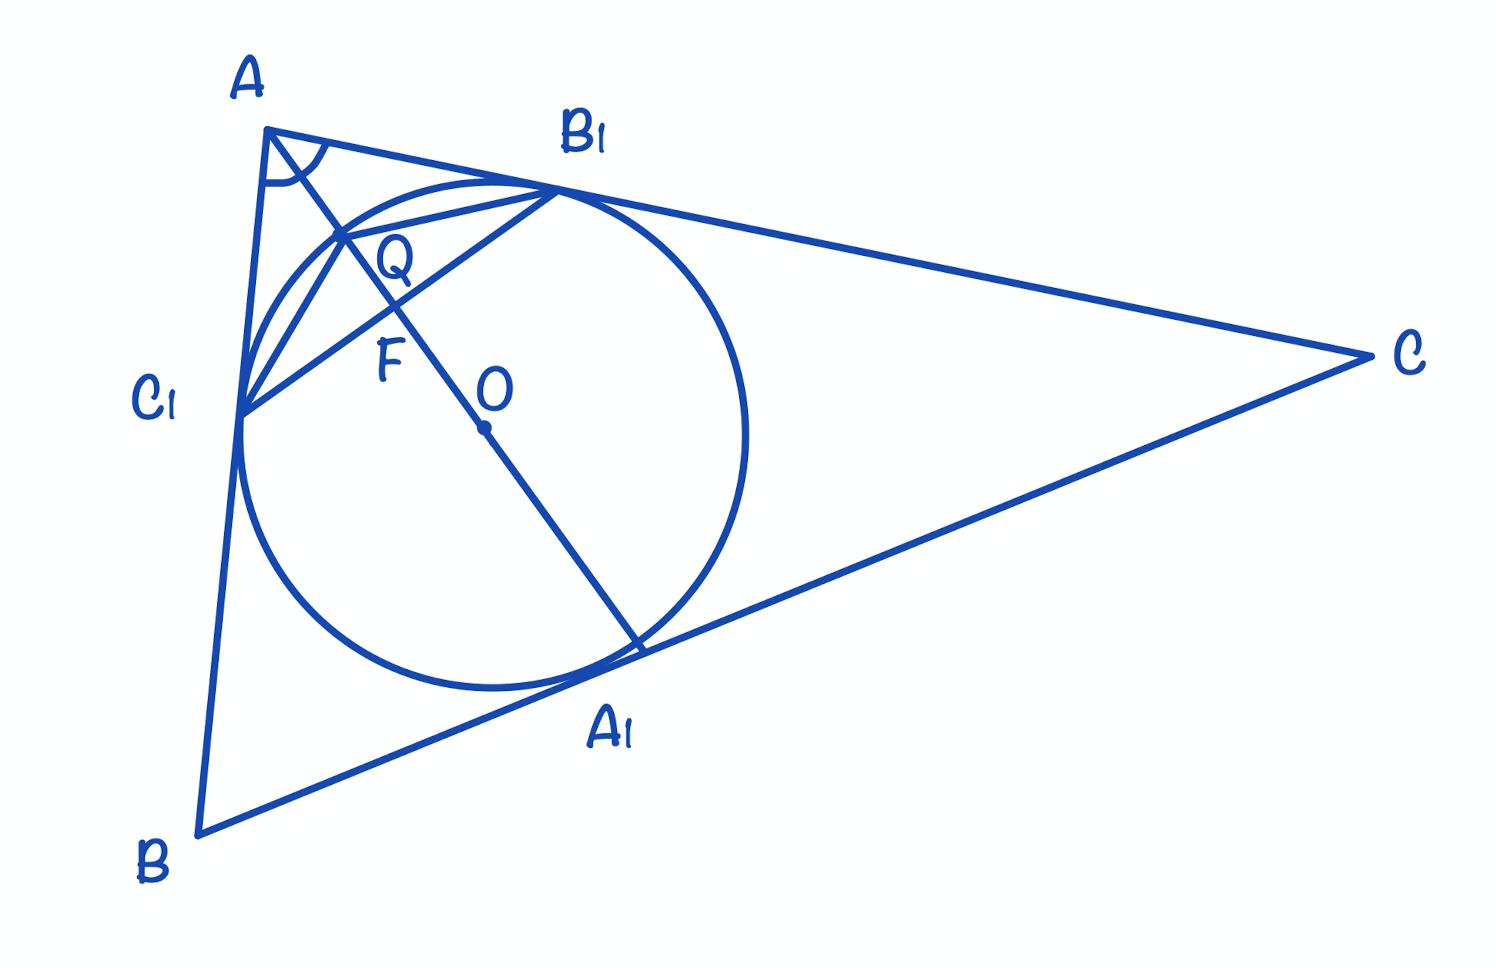 ЕГЭ профиль № 16 окружность